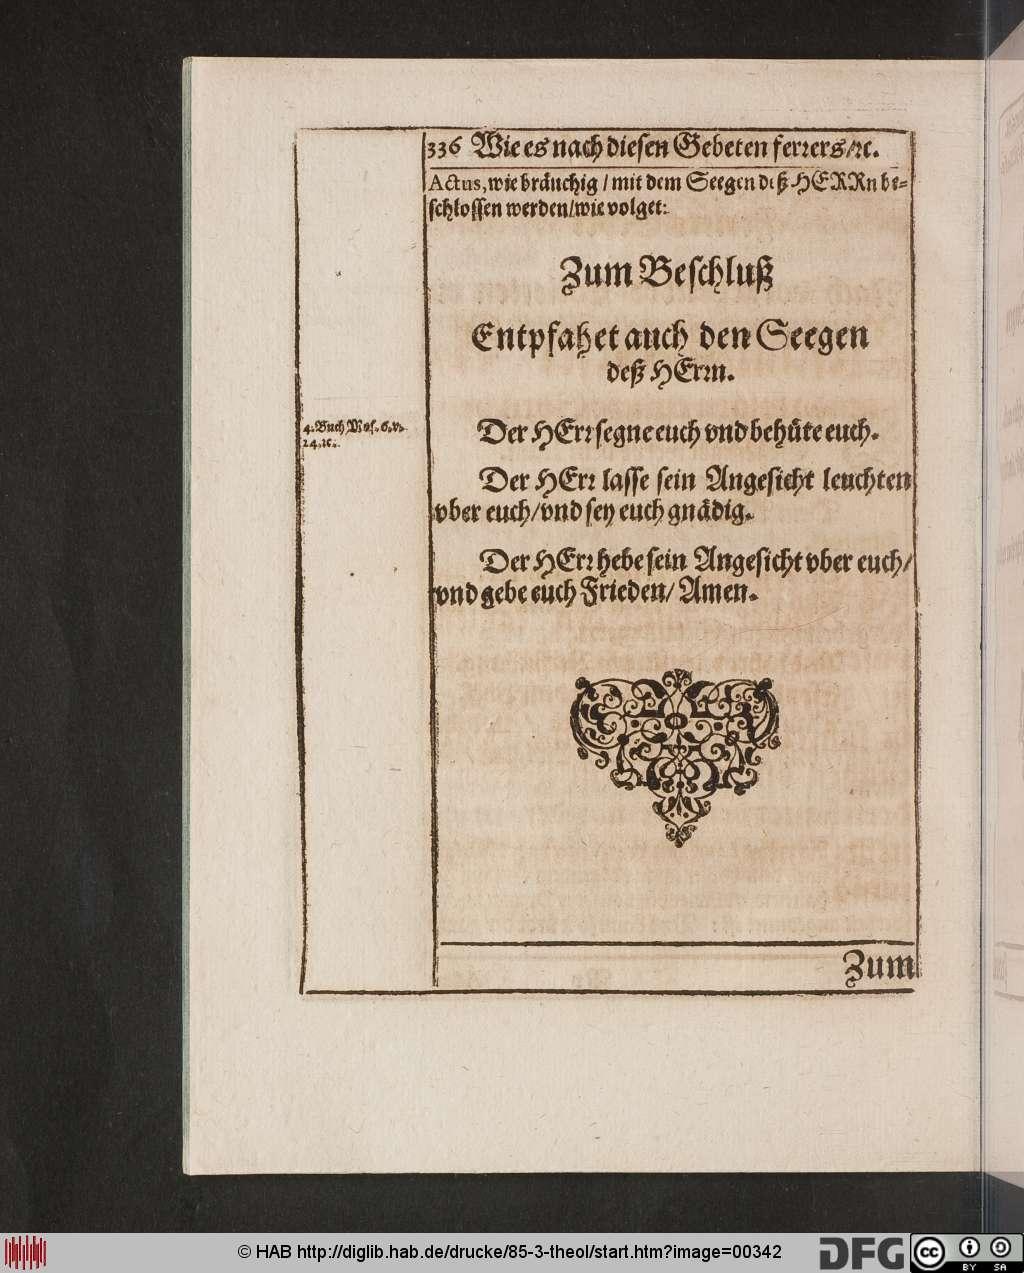 http://diglib.hab.de/drucke/85-3-theol/00342.jpg